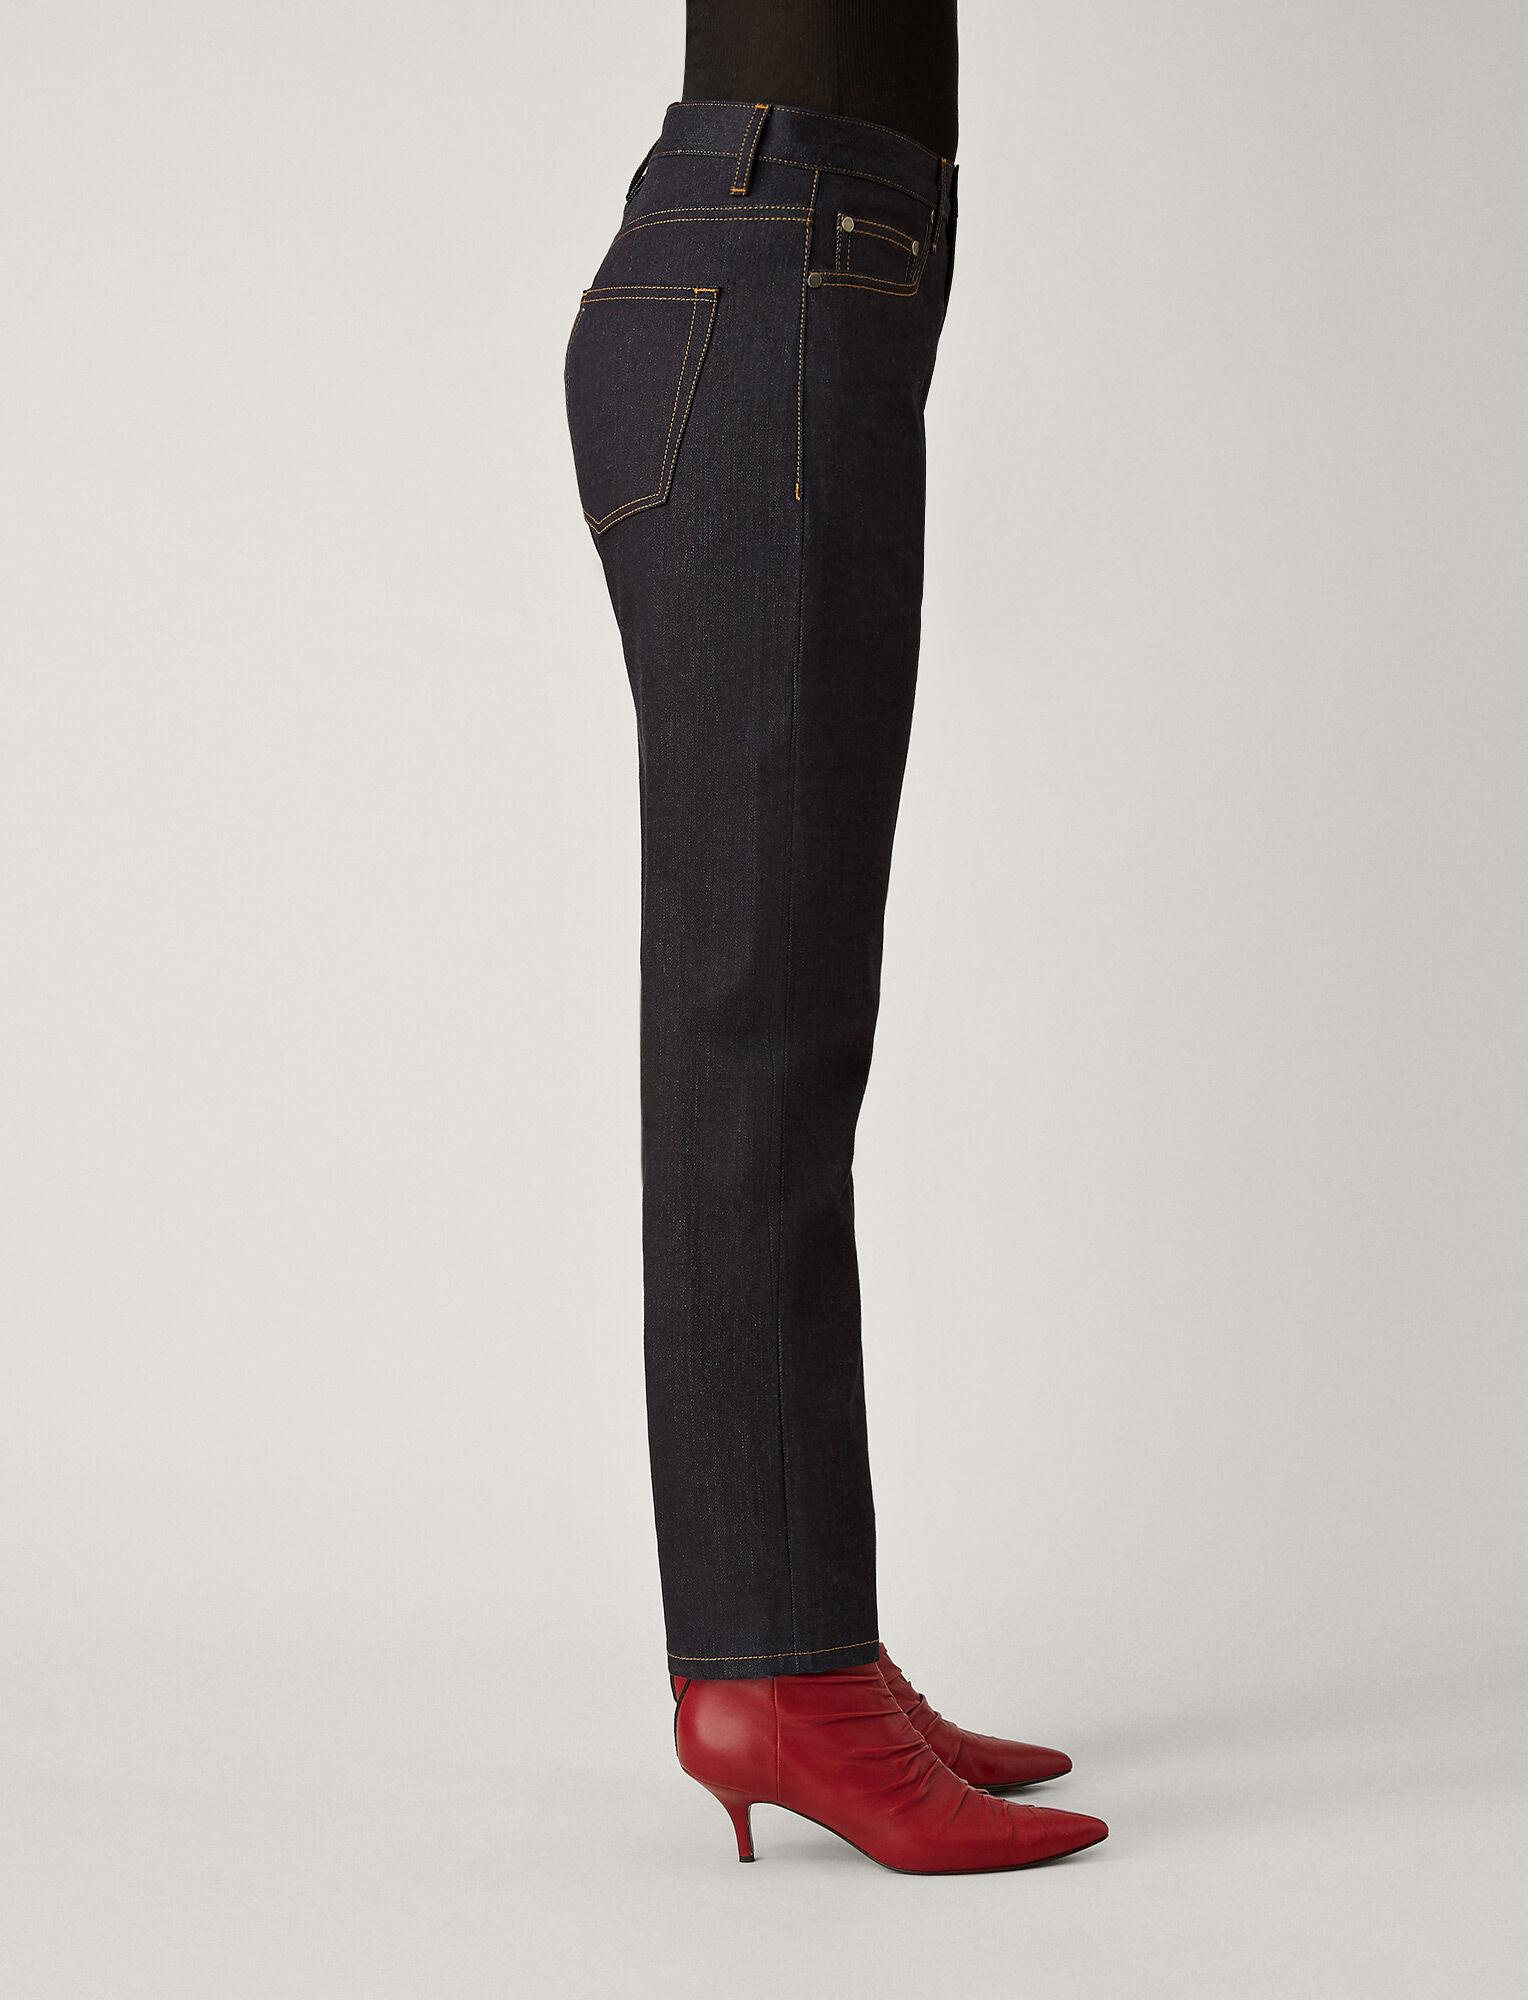 Joseph, Kemp Denim Stretch Trousers, in PURE INDIGO